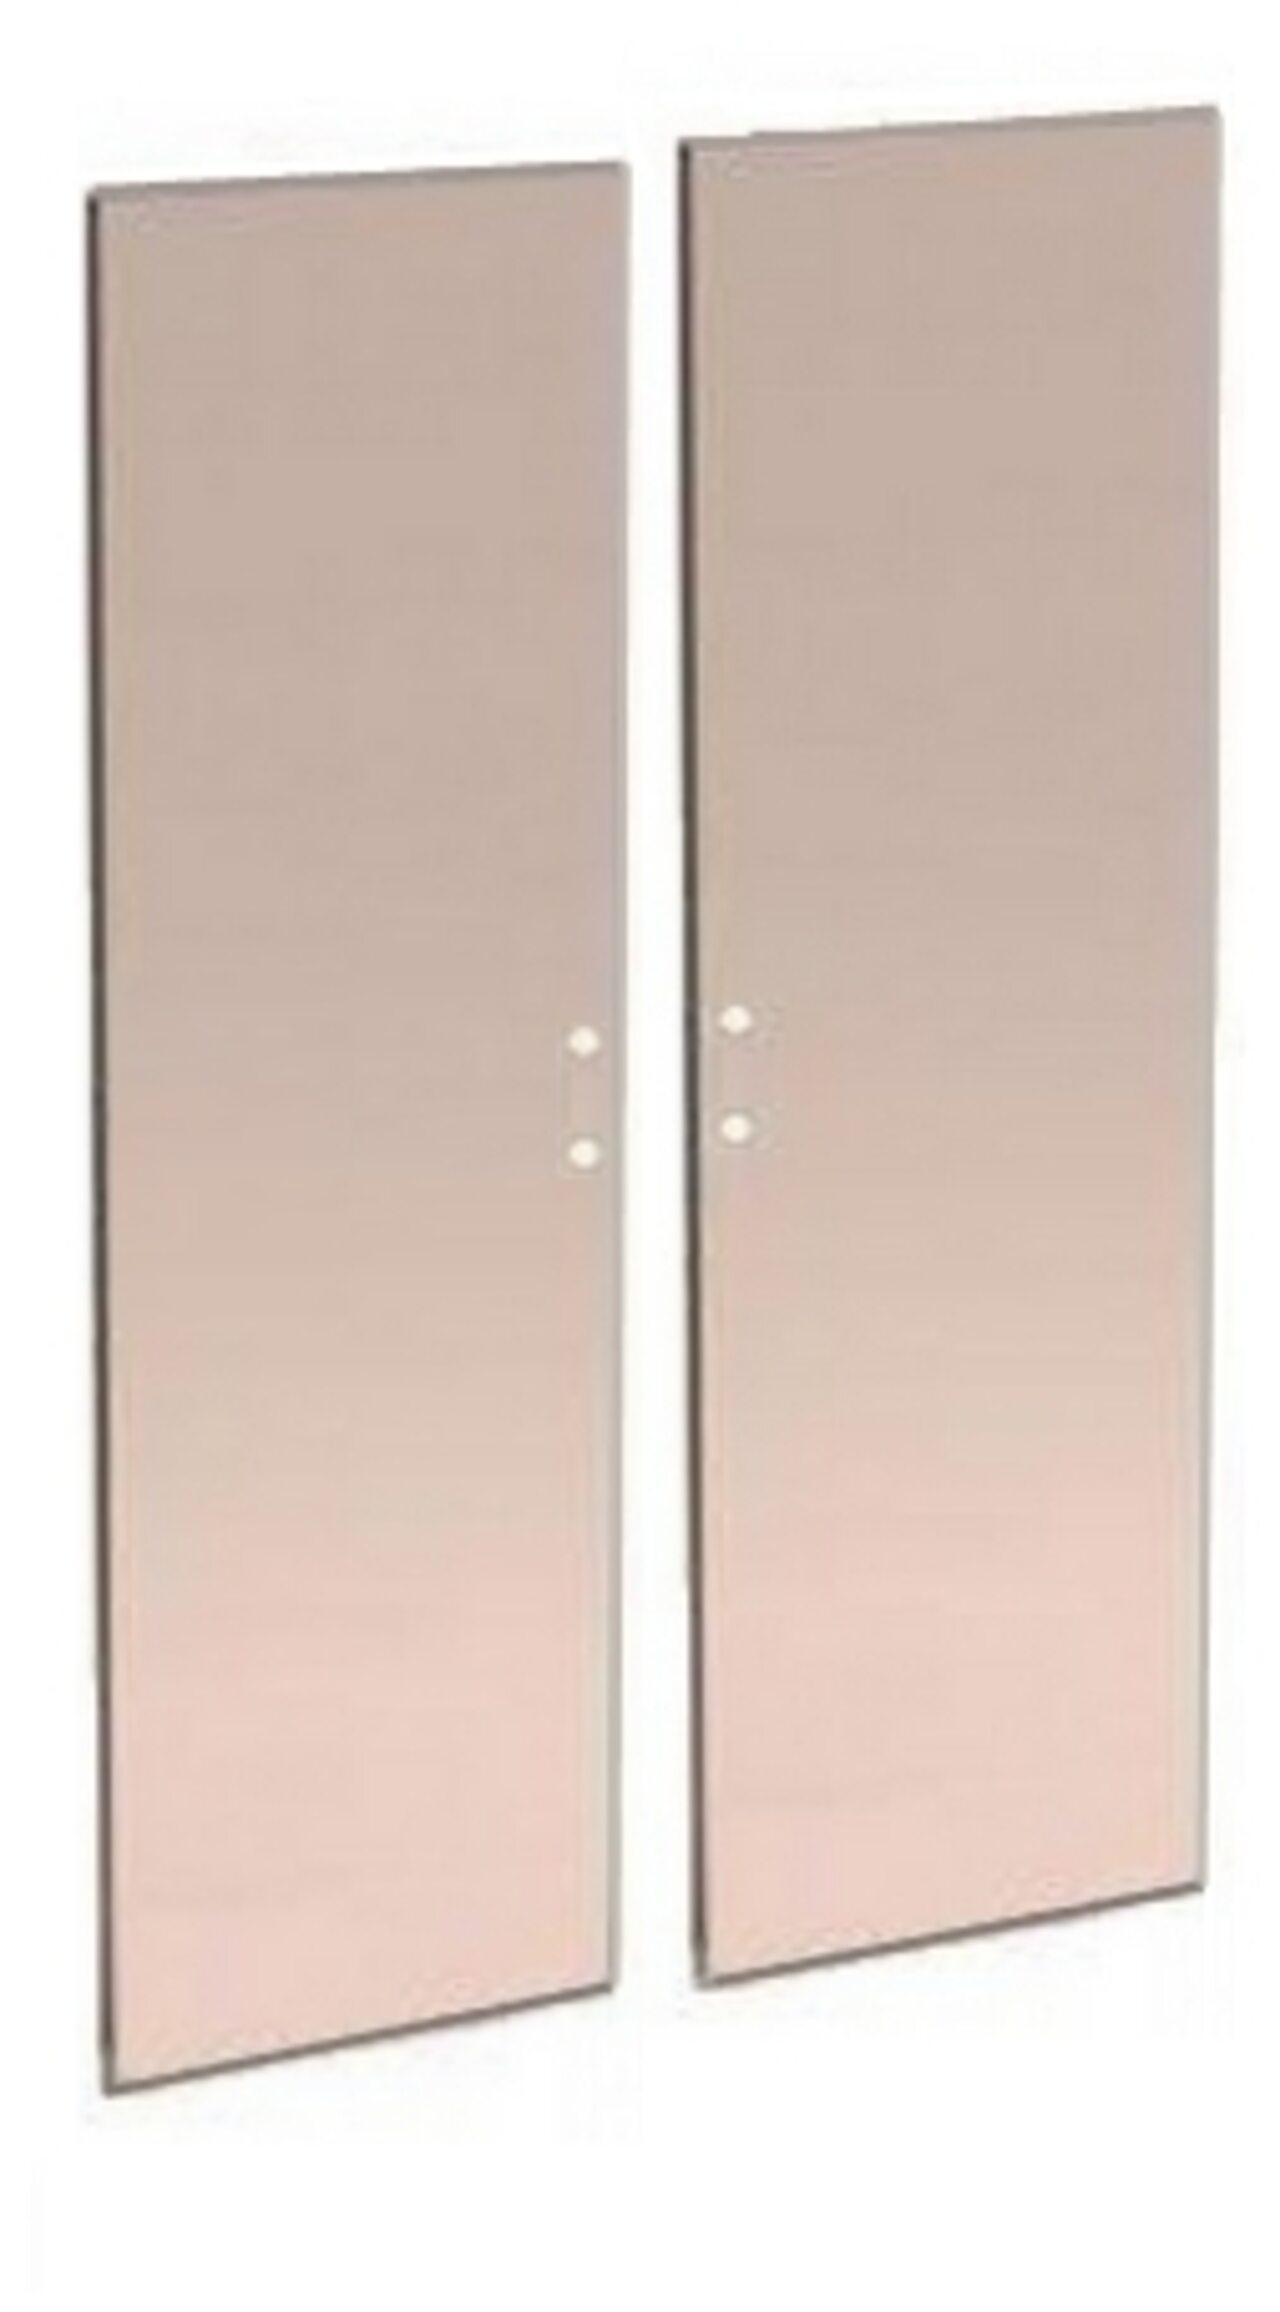 Тонированные стекла средних дверей  Консул-ЛАК  - фото 1